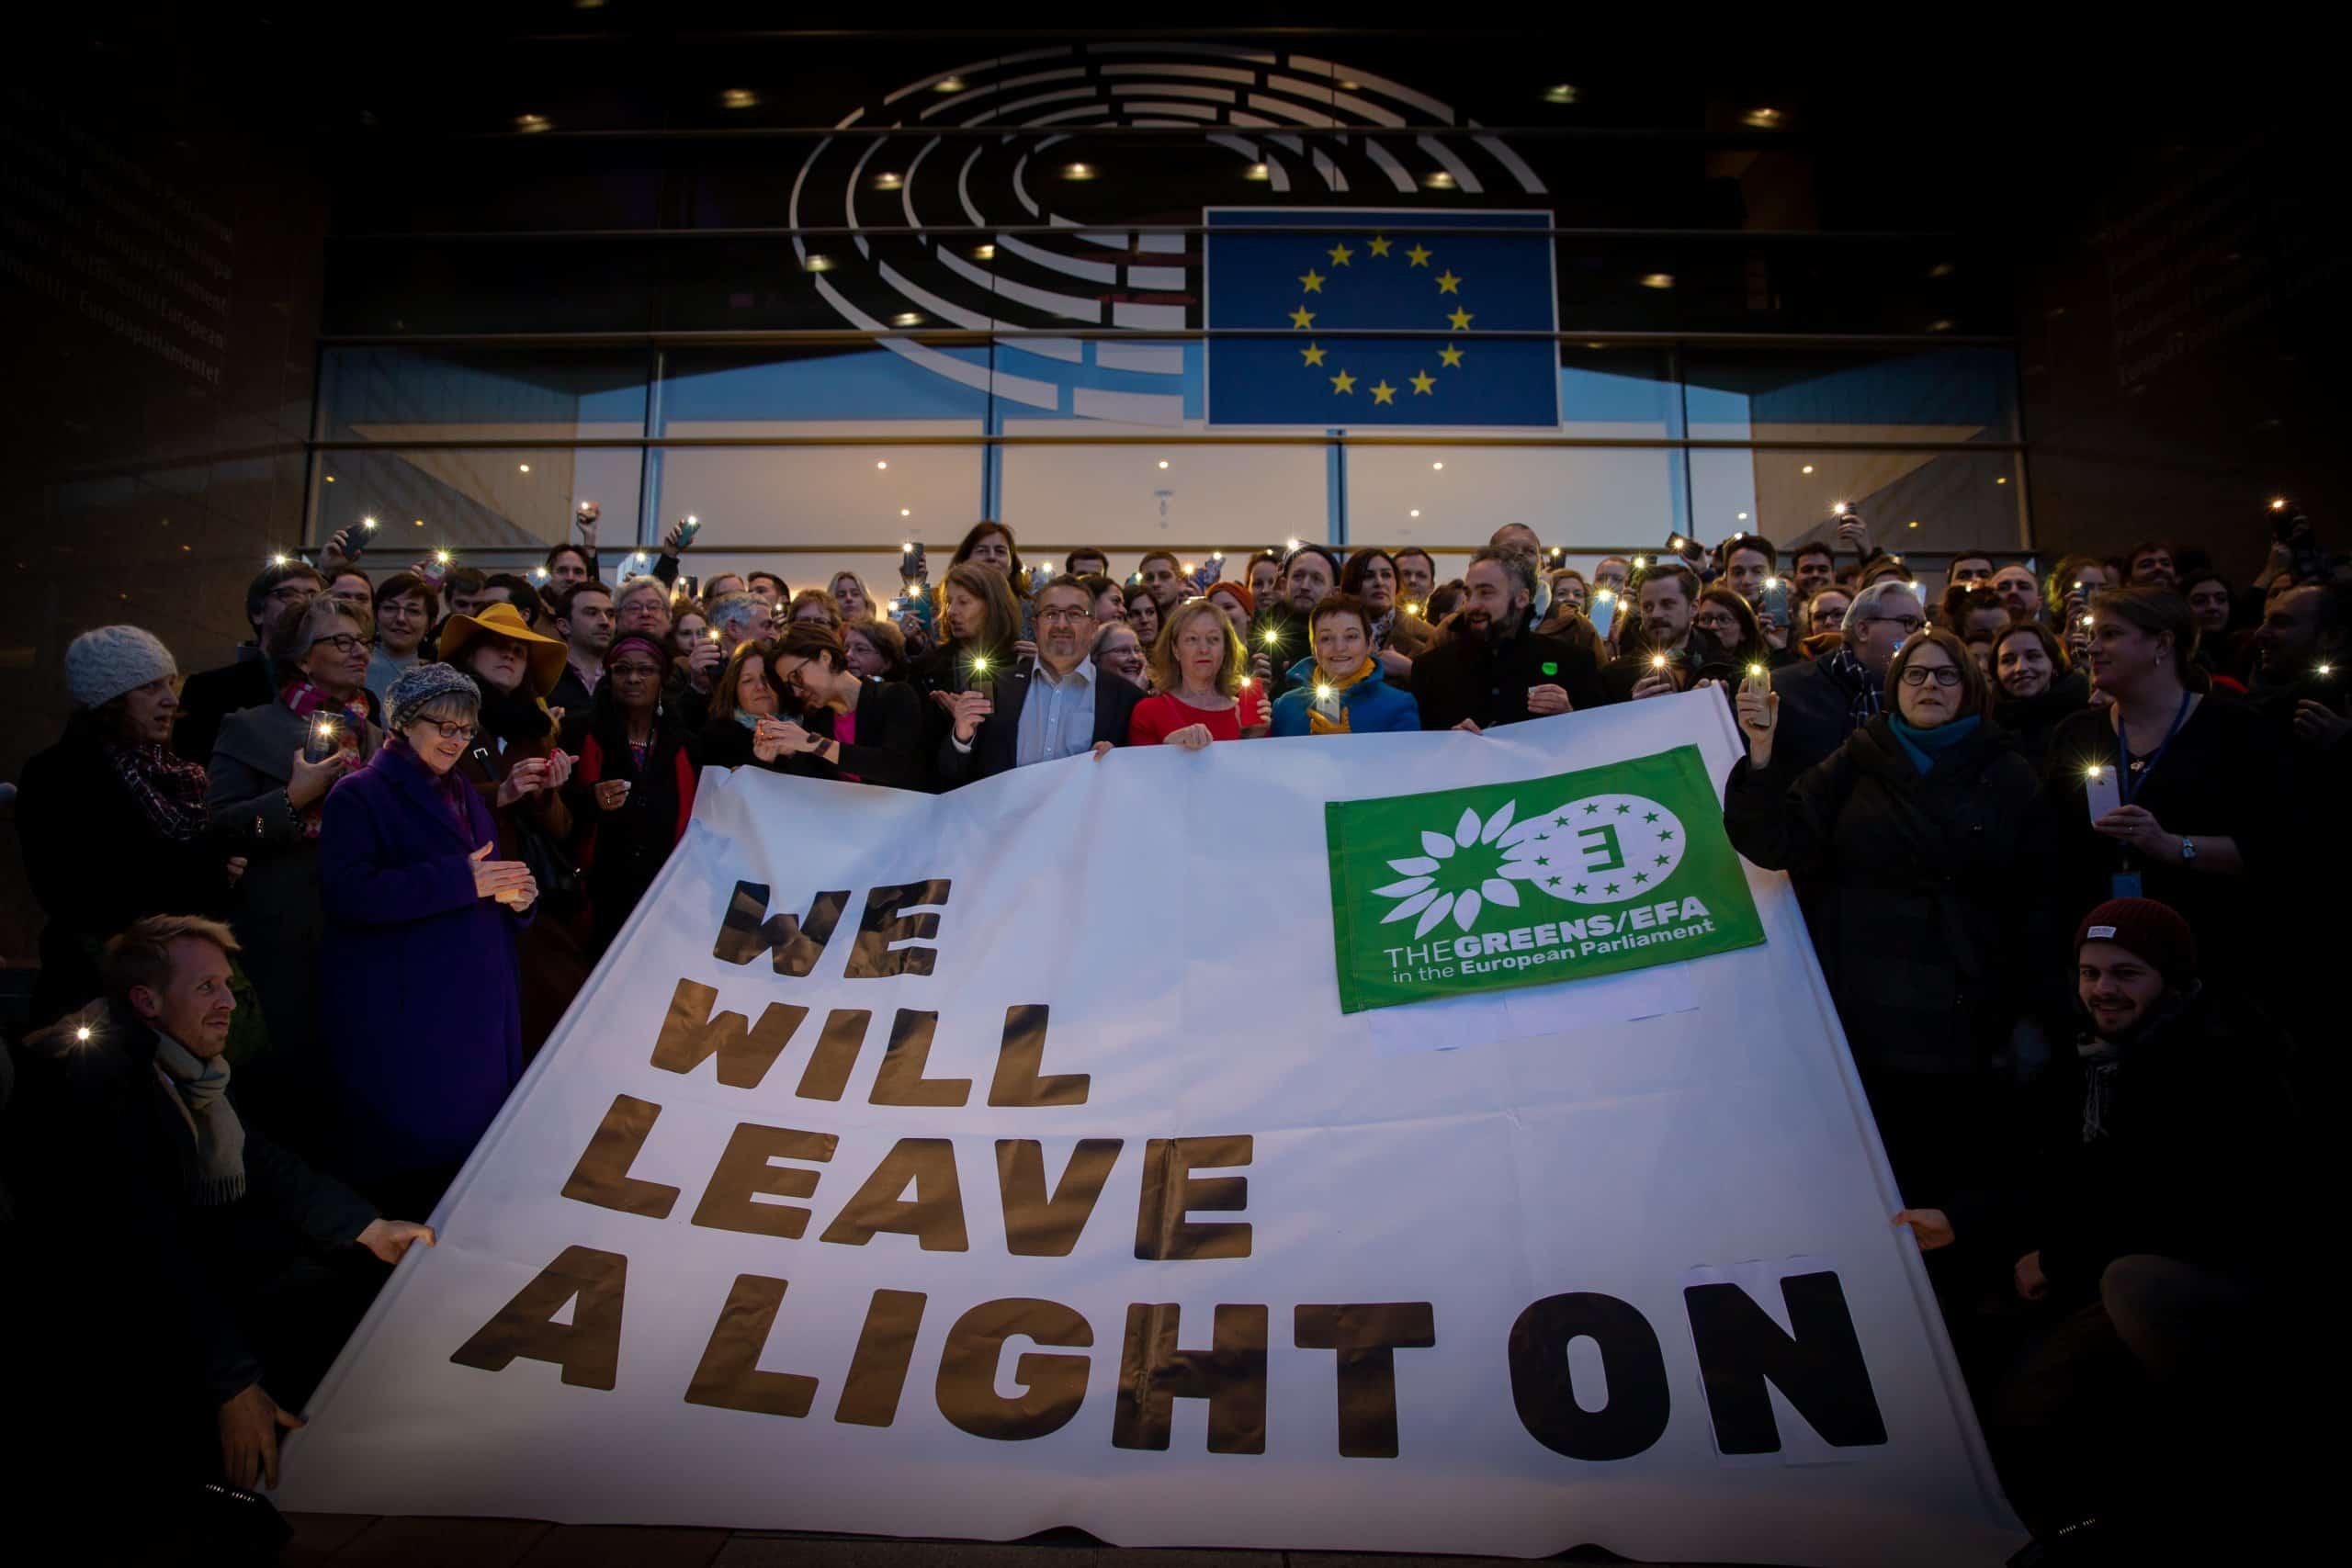 #LeaveALightOn - damit unsere Freunde eines Tages wieder nach Hause finden!